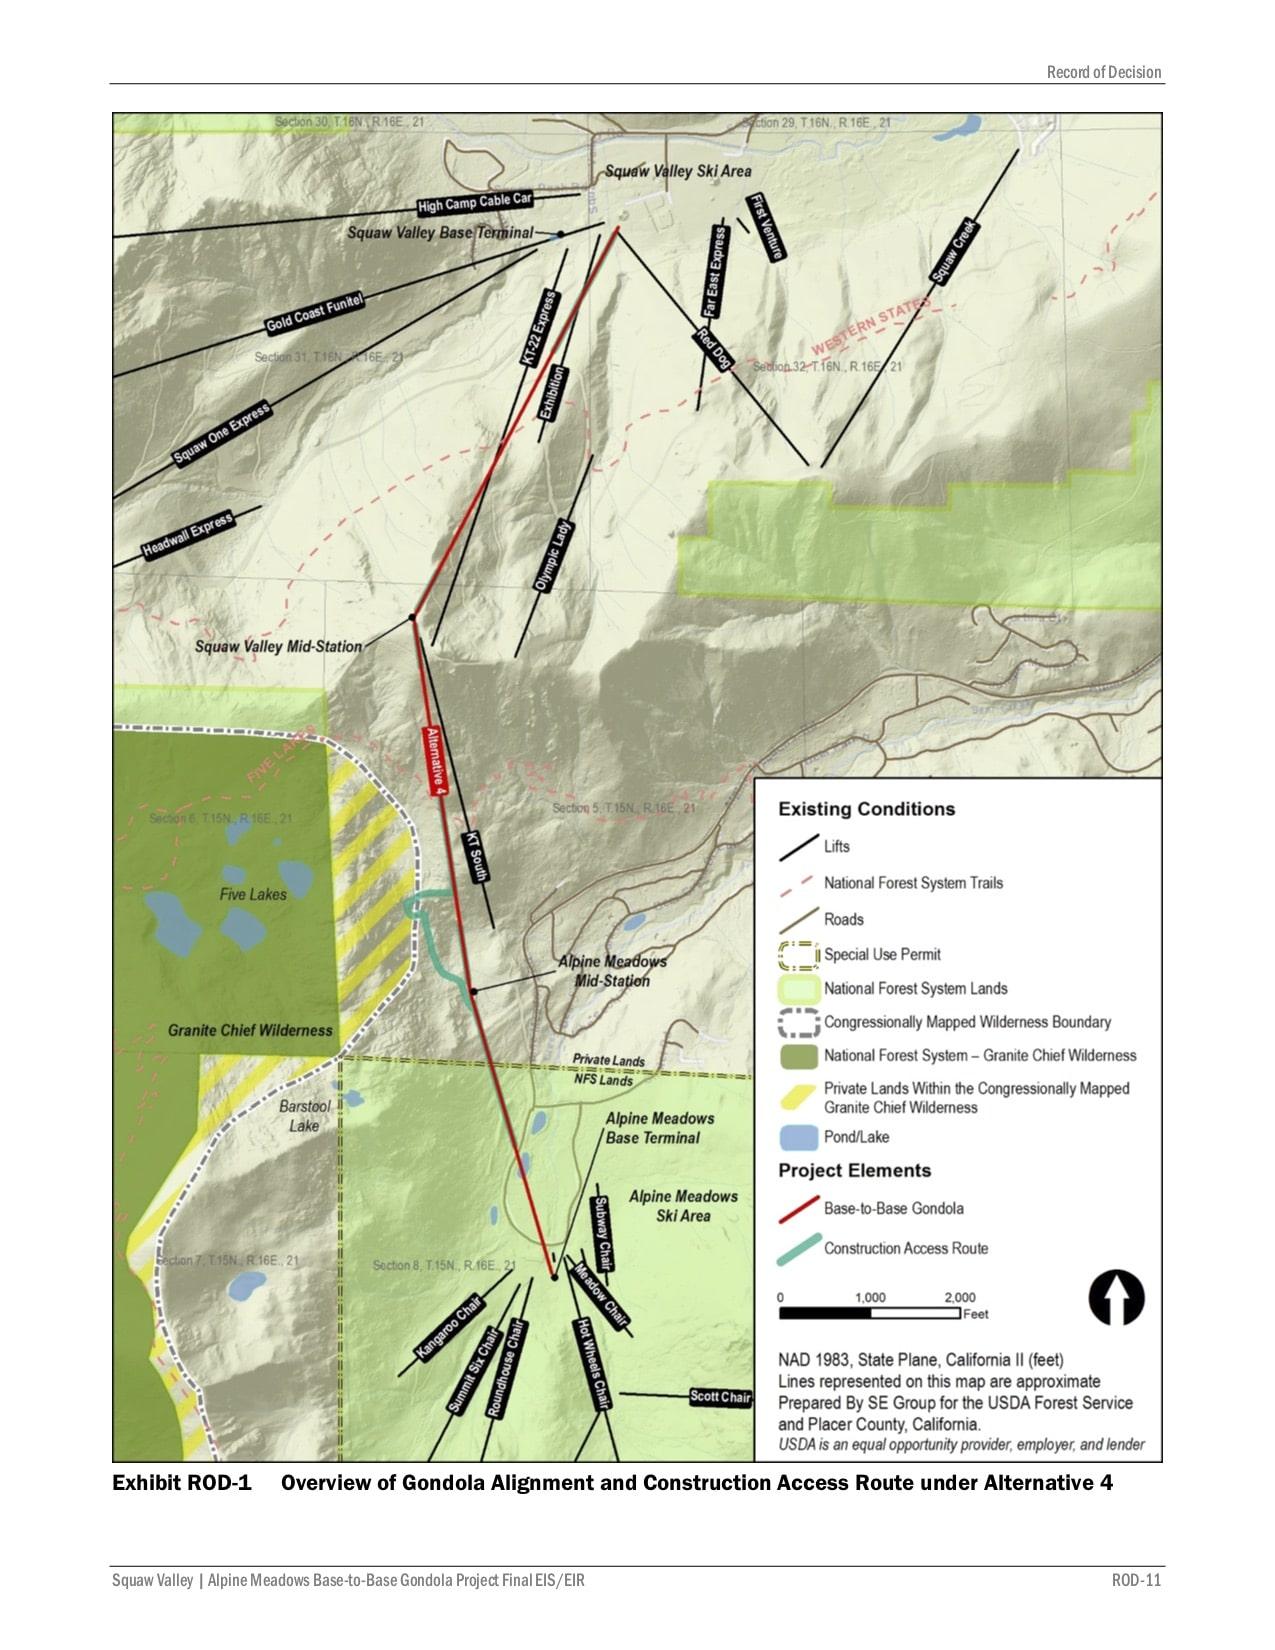 base-to-base, Squaw Valley, alpine meadows, California, gondola